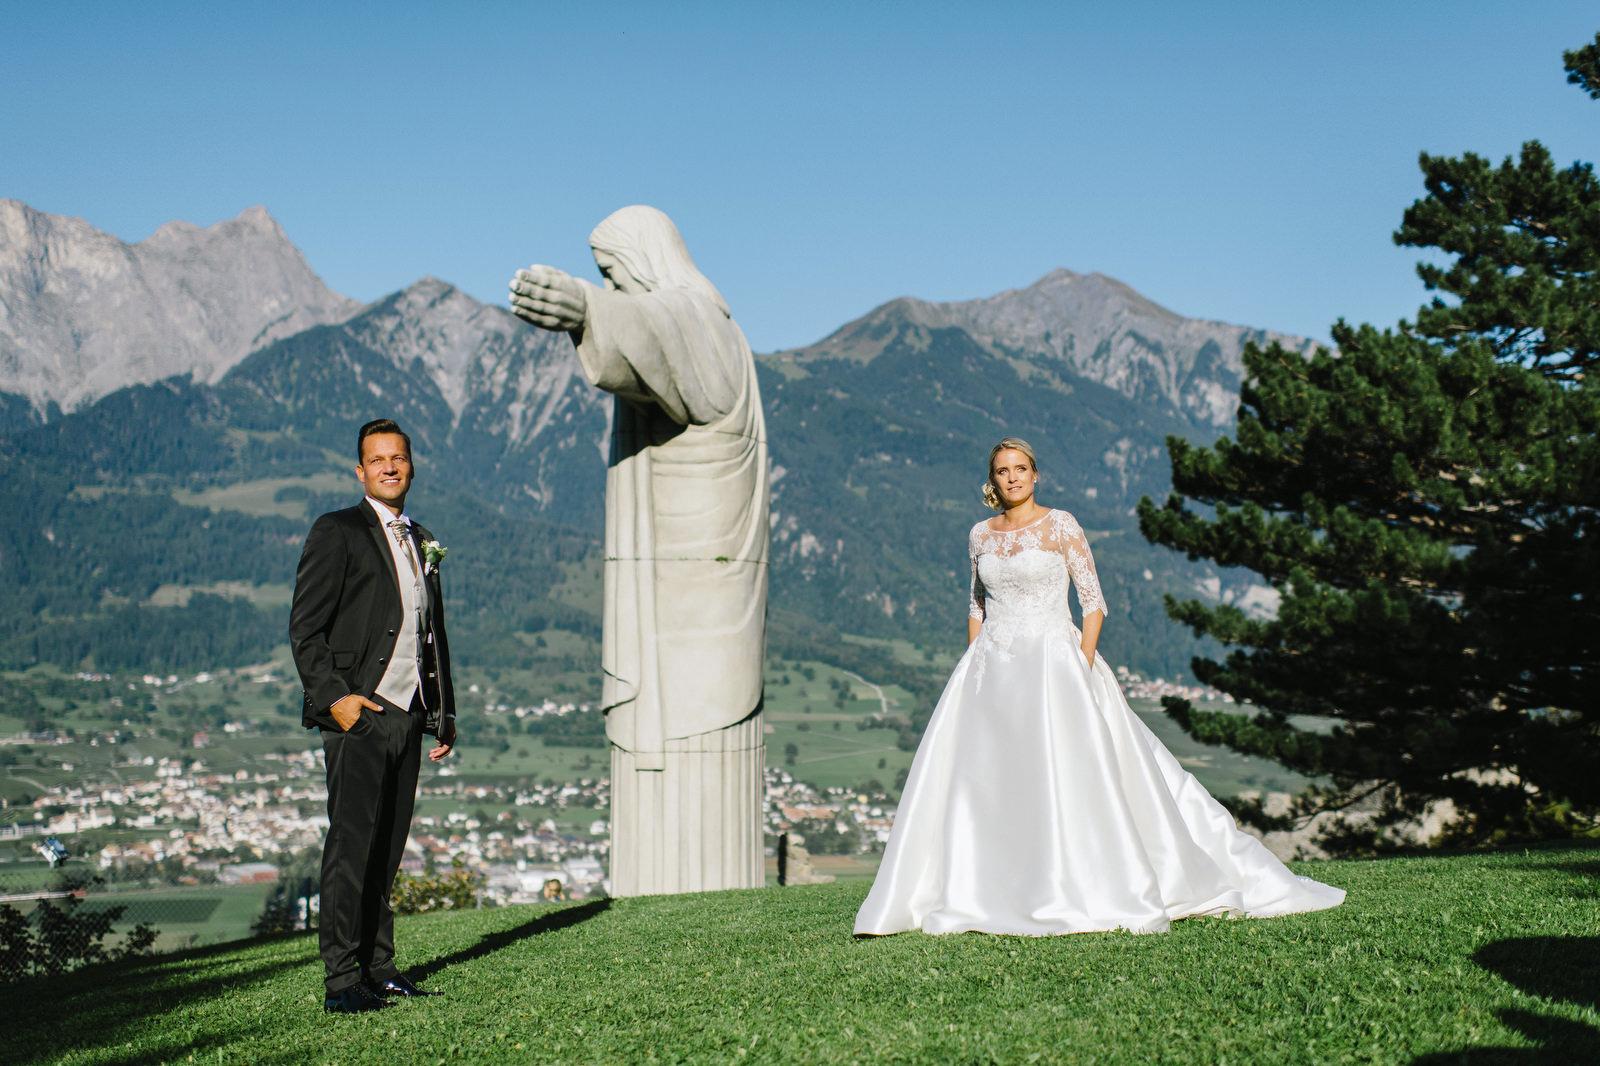 Fotograf Konstanz - Luxus Hochzeit Fotograf Grand Resort Bad Ragaz Schweiz Lichtenstein 134 - Destination wedding at the Grand Resort Bad Ragaz, Swiss  - 186 -